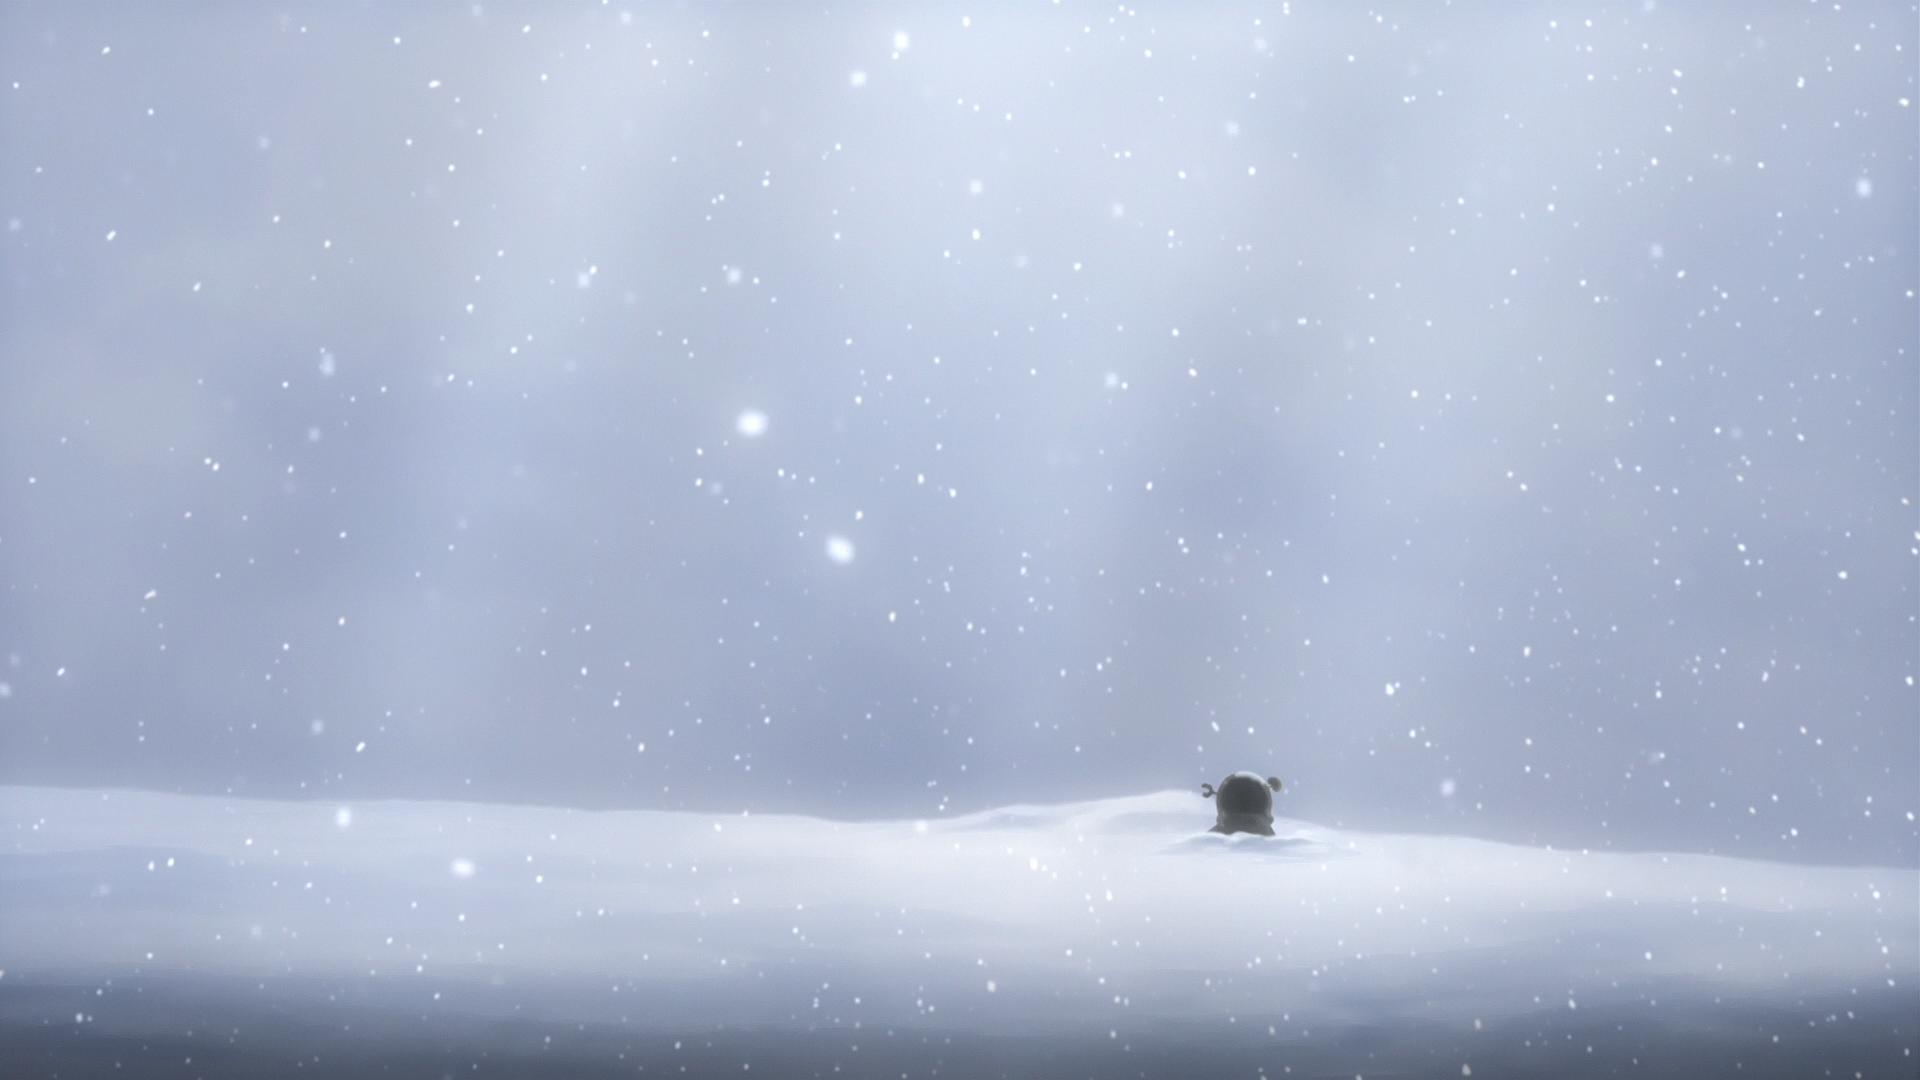 anime hallway paper snow scene snowy 1920x1080 1920x1080